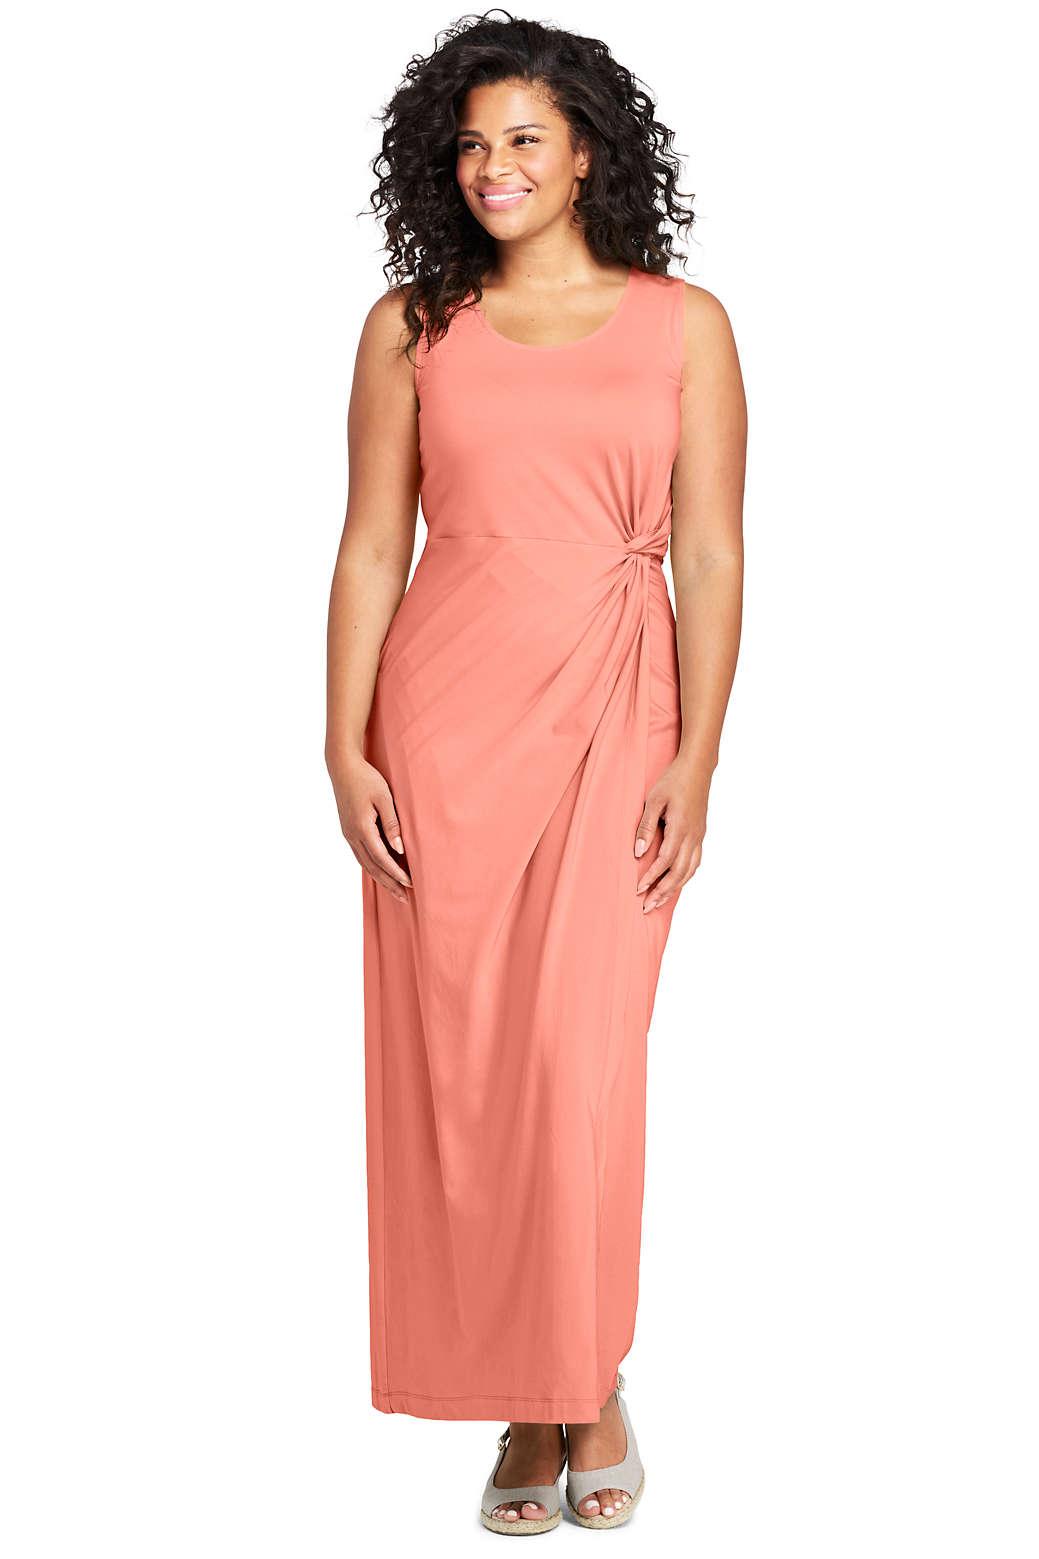 4976d38246b21 Maxi Dresses Size 18 | Saddha